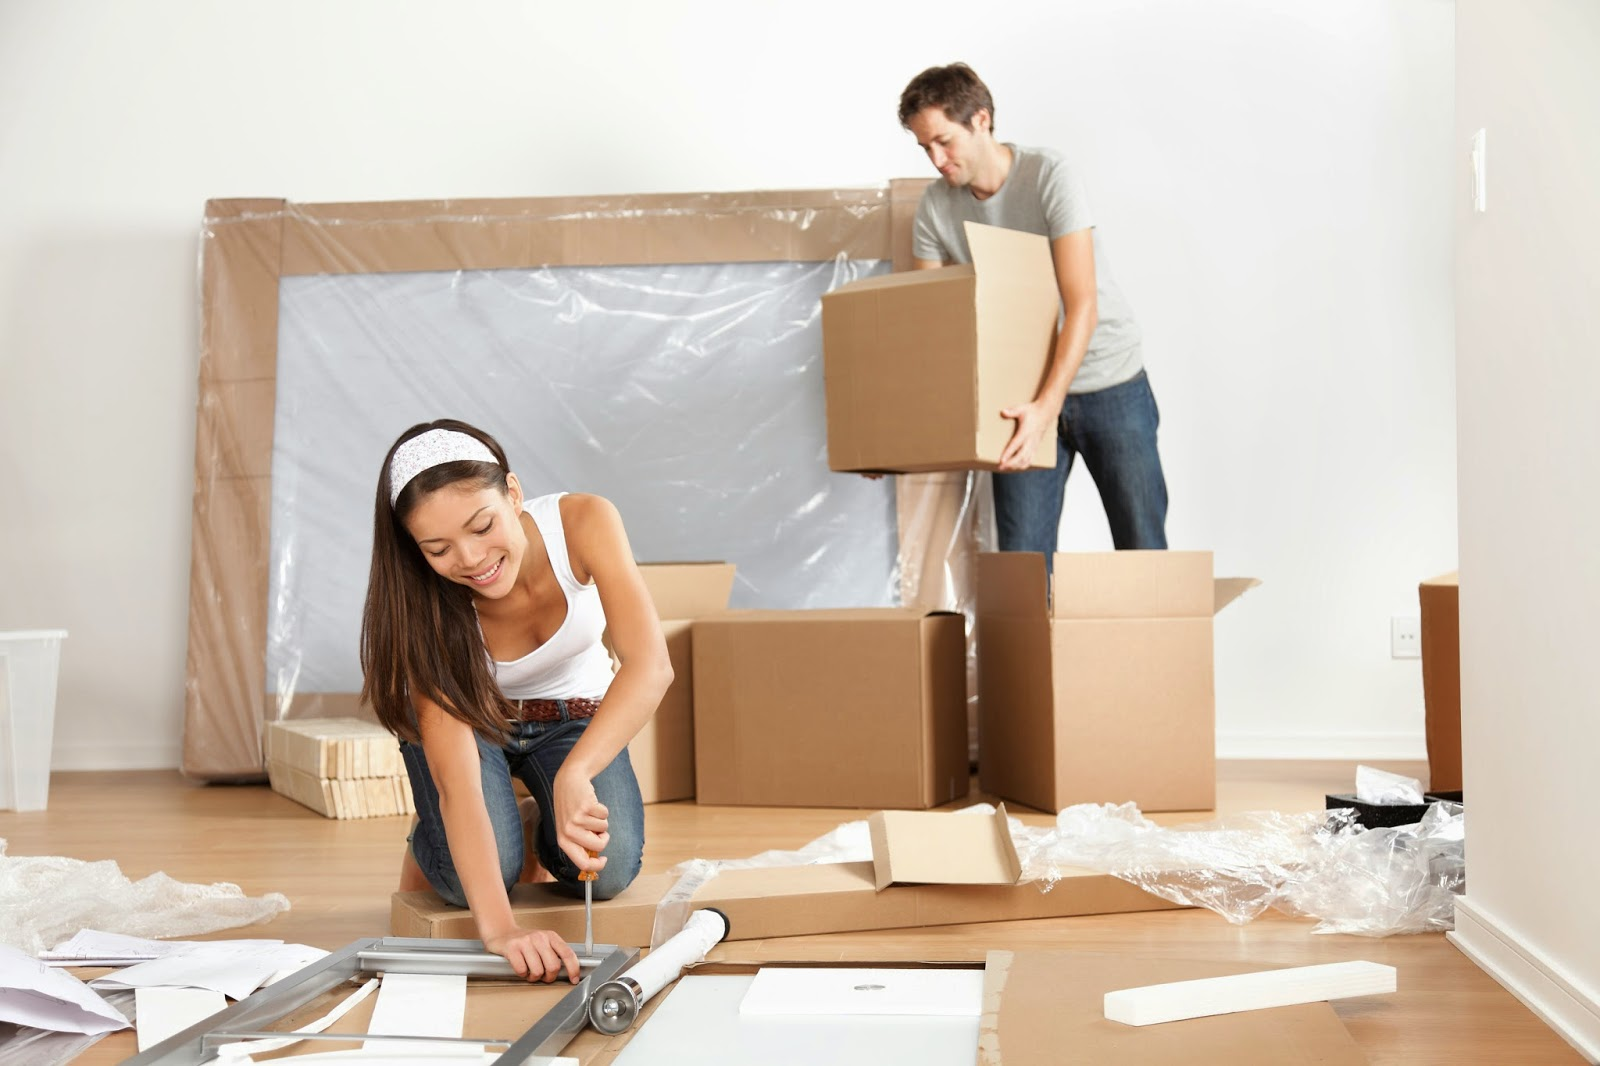 Sau khi thực hiện nghi lễ nhập trạch bạn có thể bắt đầu vận chuyển đồ đạc vào nhà mới